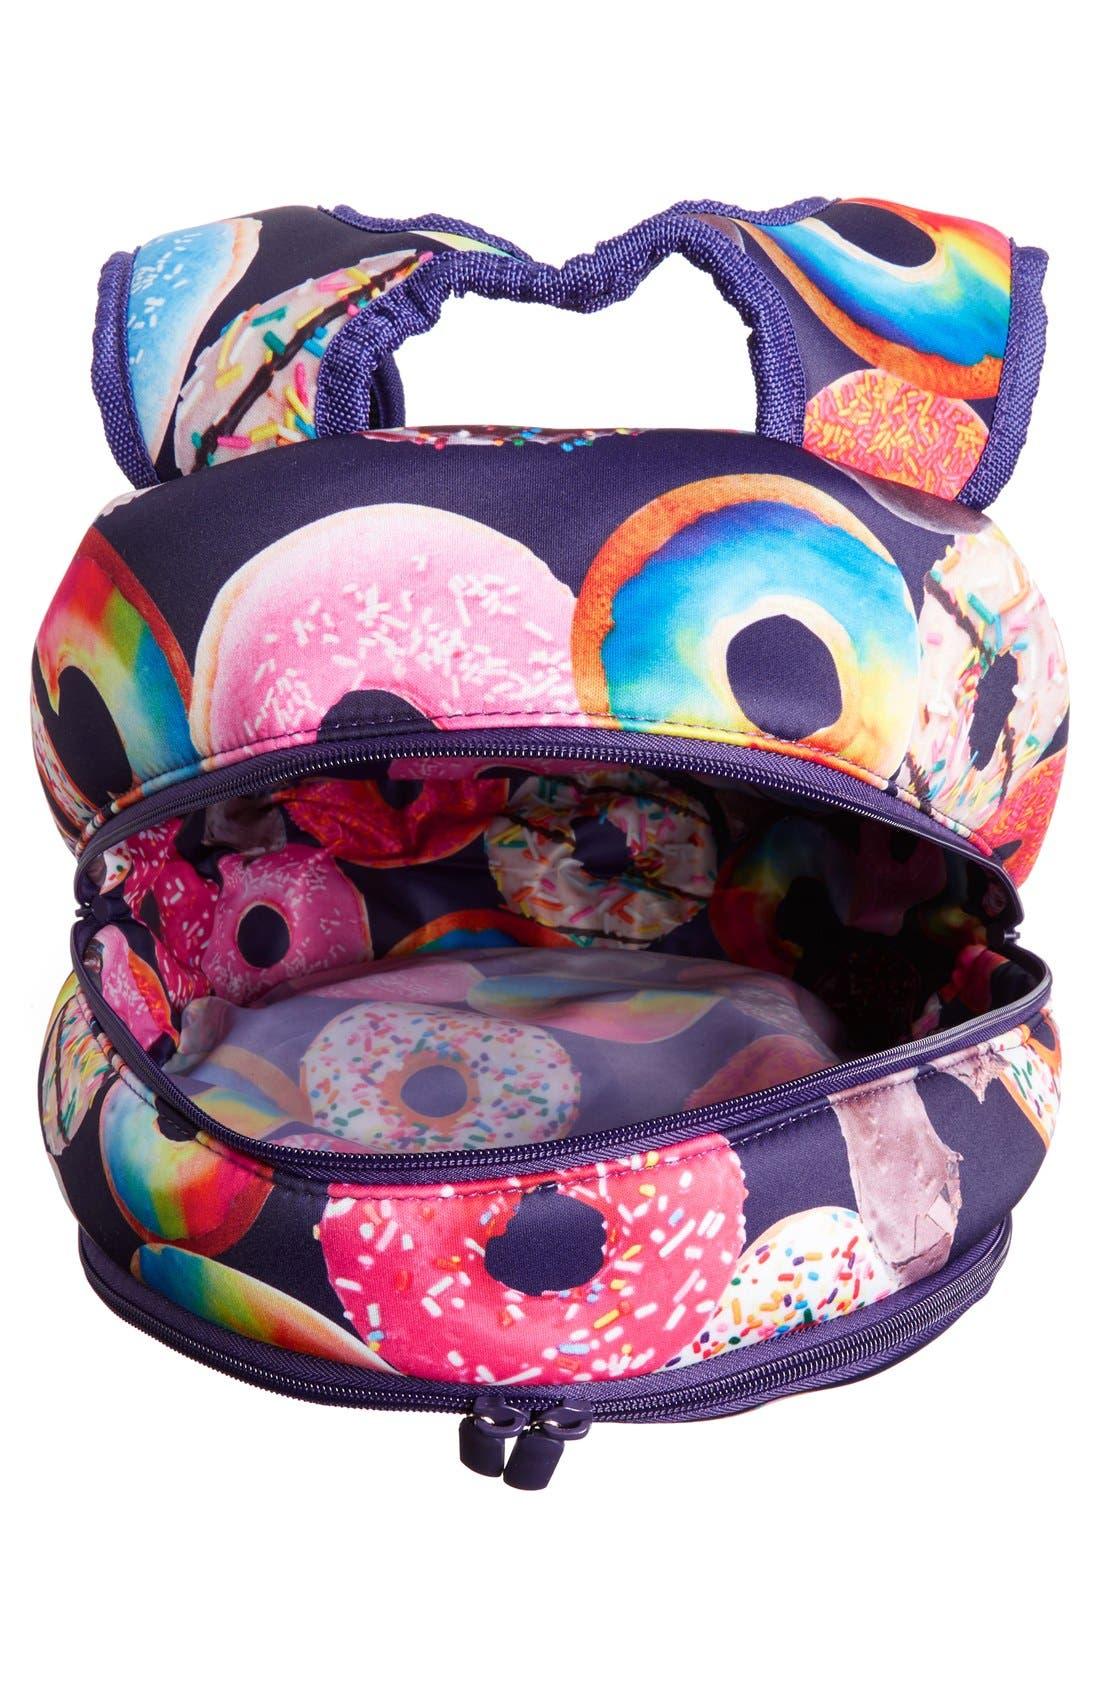 'Donut Shop' Neoprene Backpack,                             Alternate thumbnail 3, color,                             Black Multi